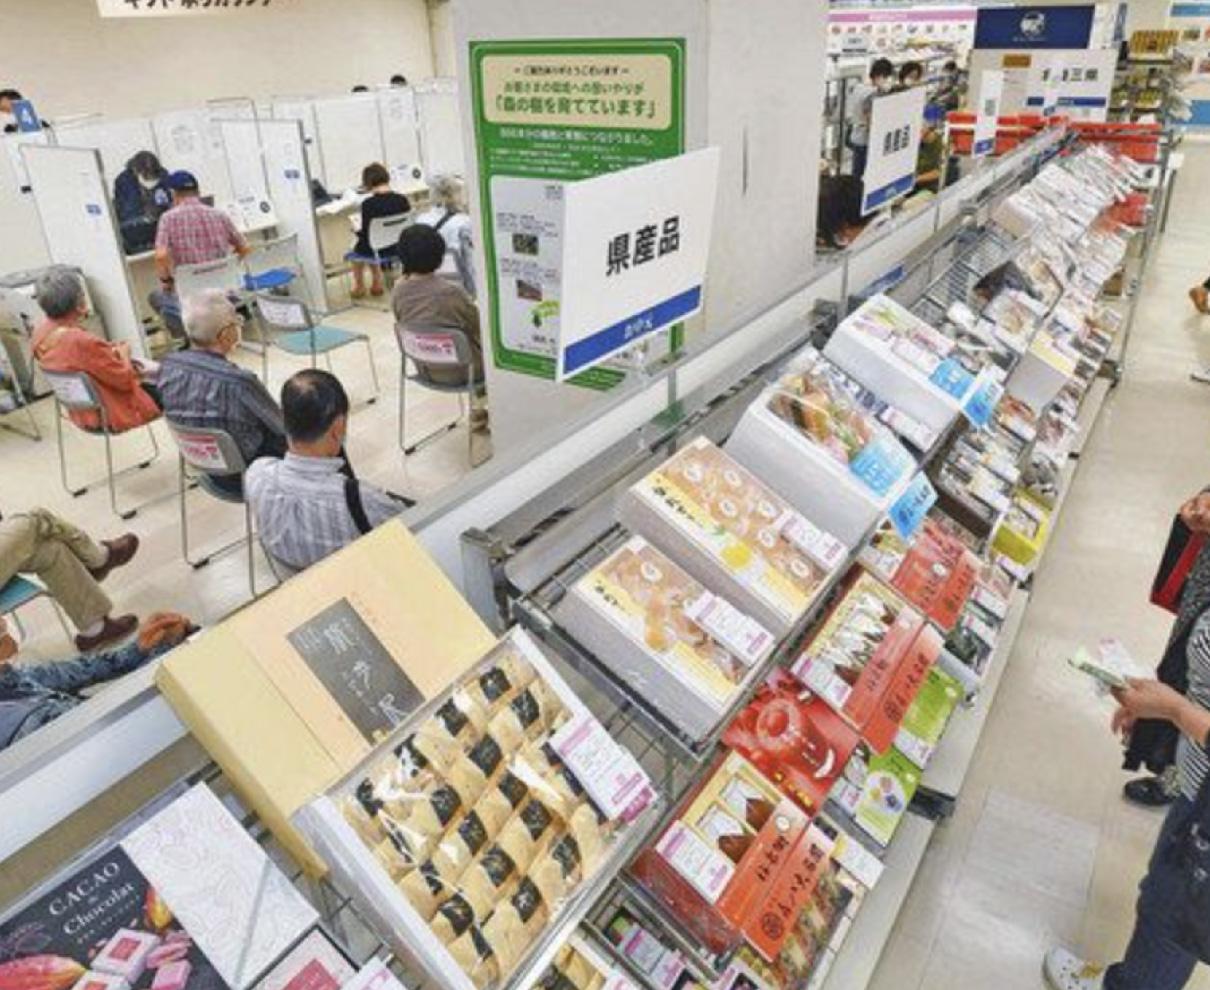 帰省できない人にお中元を 西武福井店ギフトセンター開設